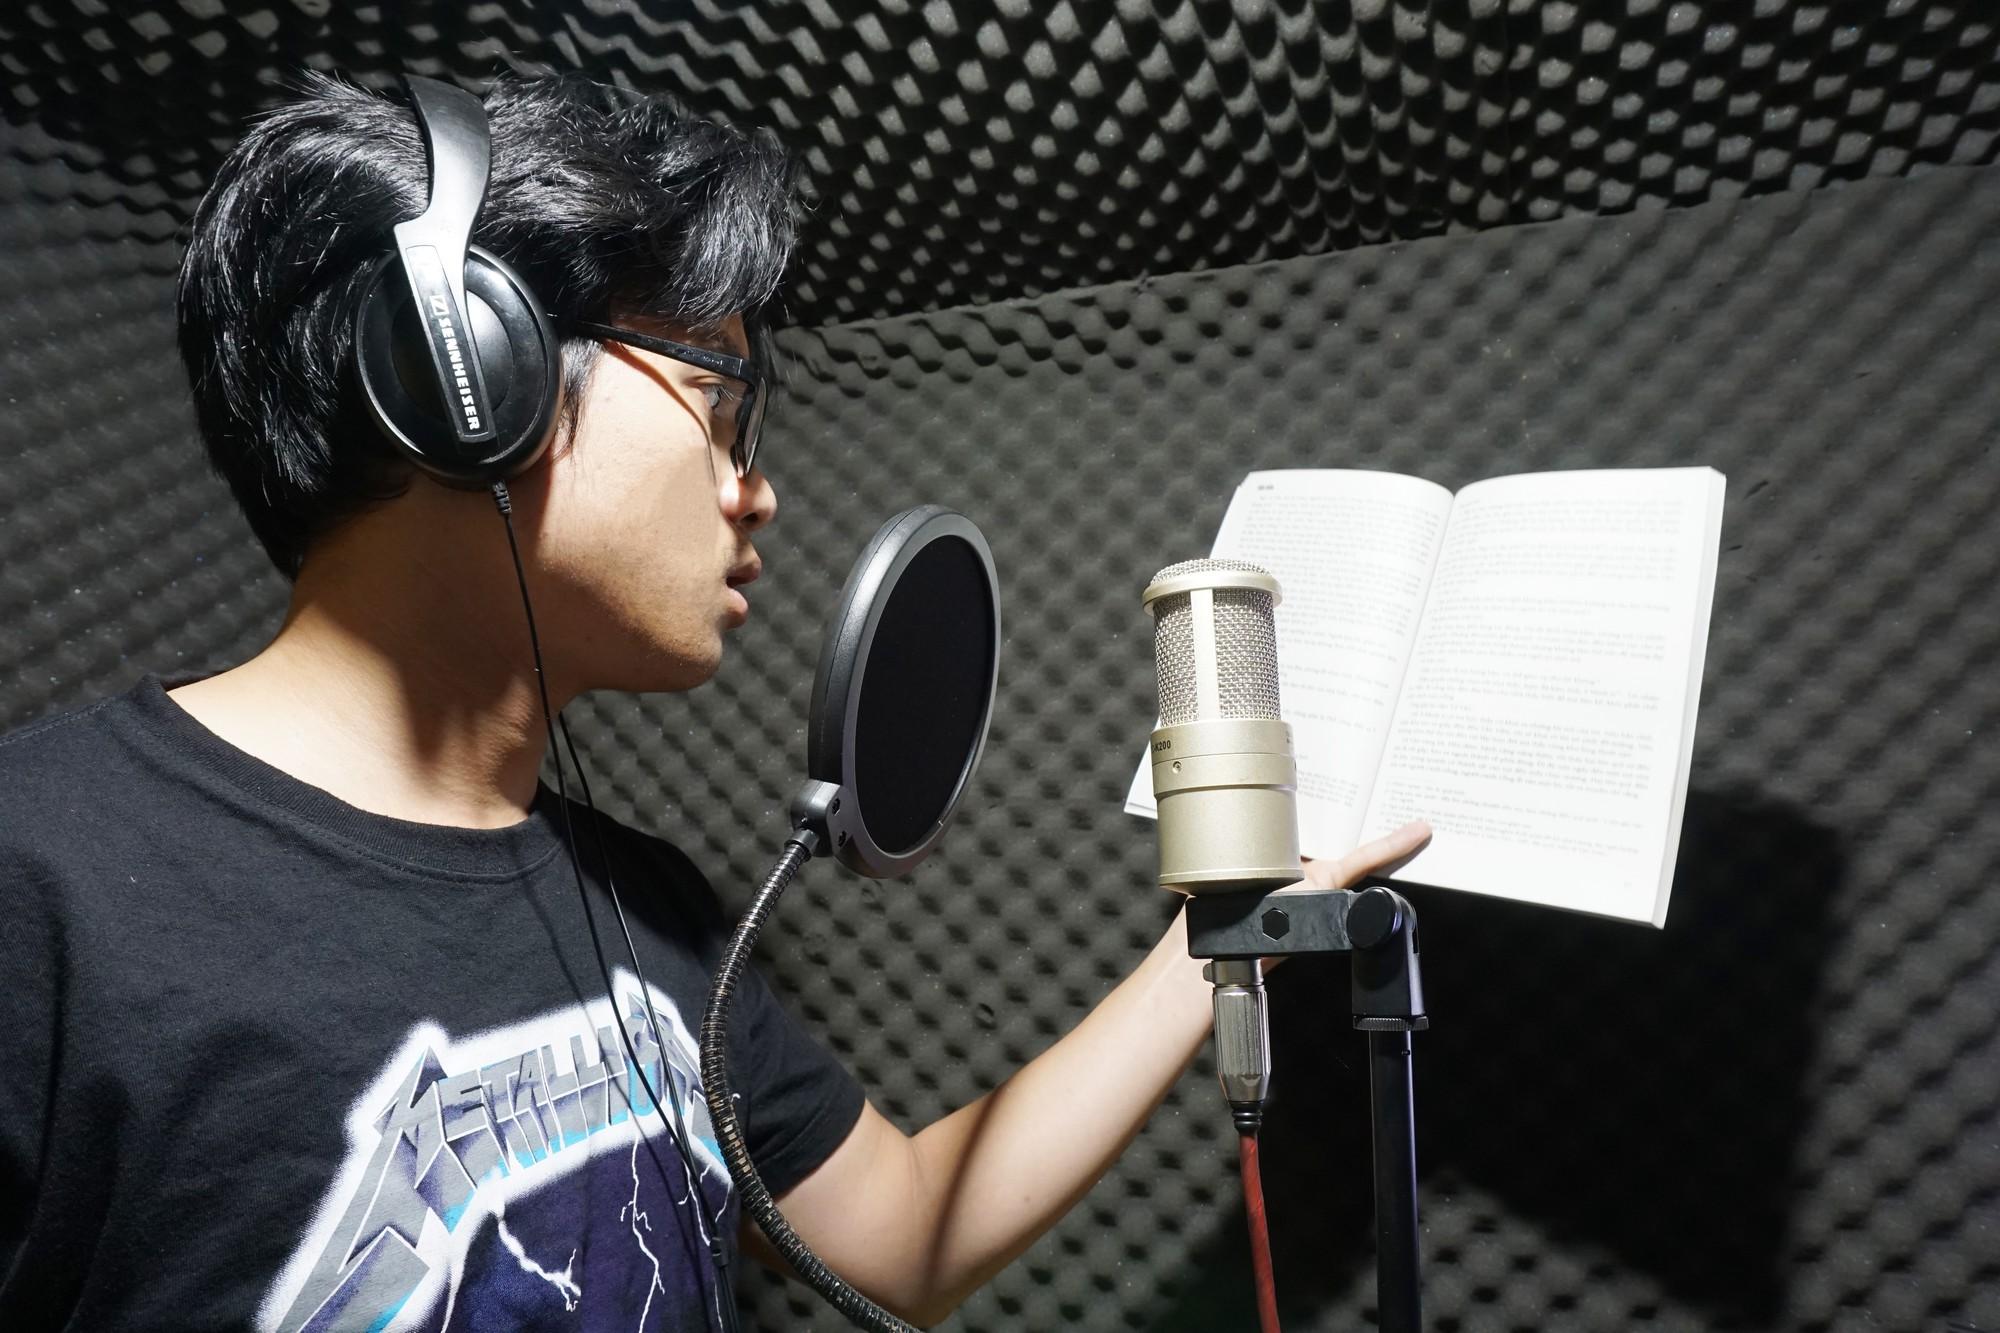 9x Gia Lai nổi tiếng khi biến các tác phẩm Ngữ văn thành rap: Từng nhờ rap mà bỏ được game - Ảnh 10.